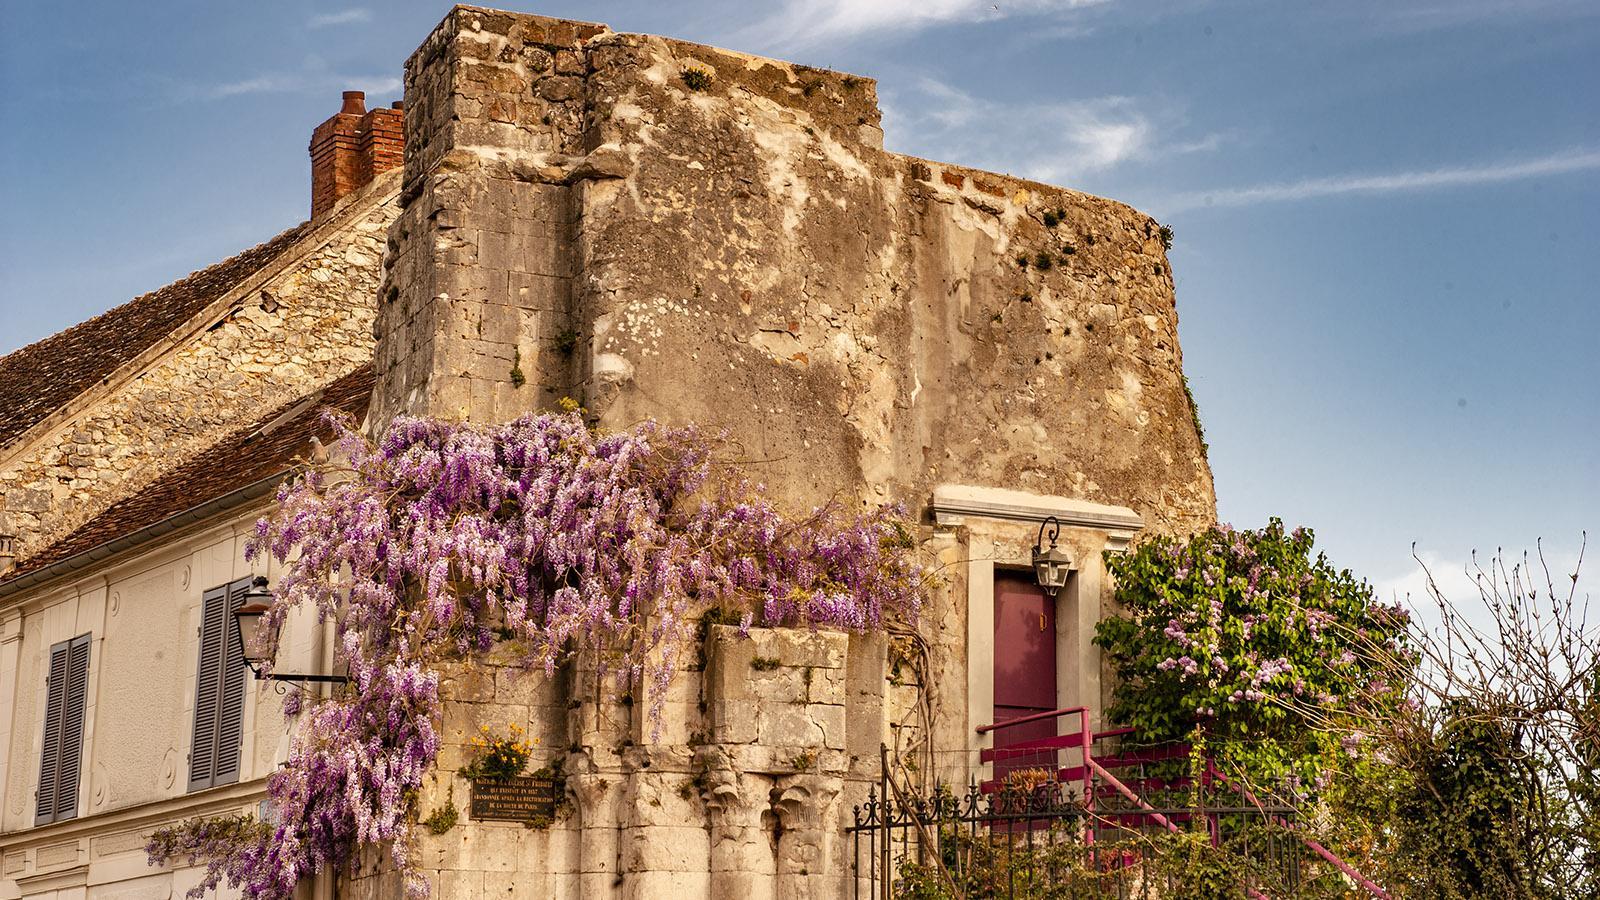 Provins: Blauregenragt an der Rue Saint-Thibaut mit der Ruine der gleichnamigen Kirche. Foto: Hilke Maunder